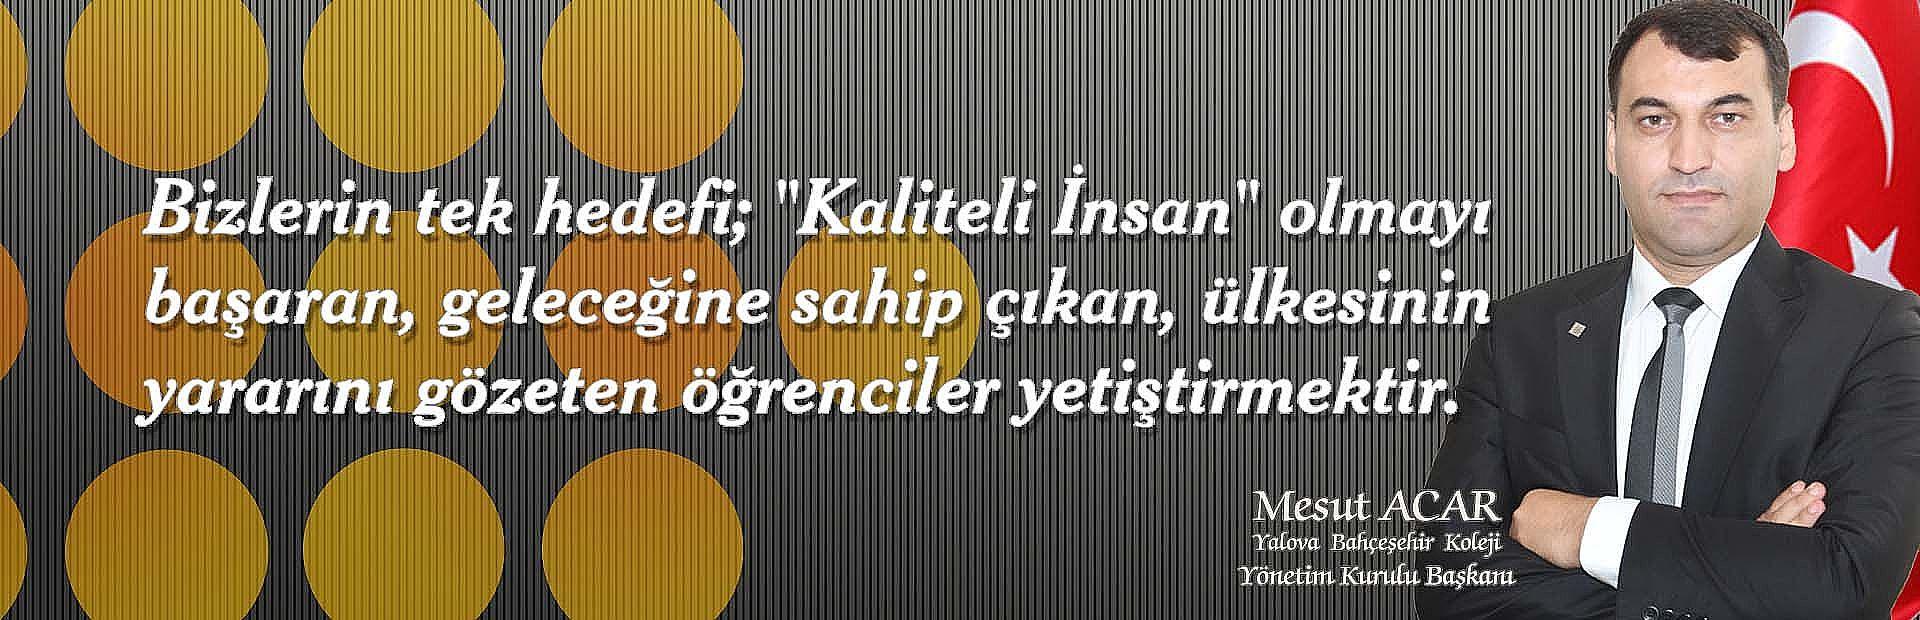 Yalova Bahçeşehir Koleji Adres - Telefon - Konum Bilgileri